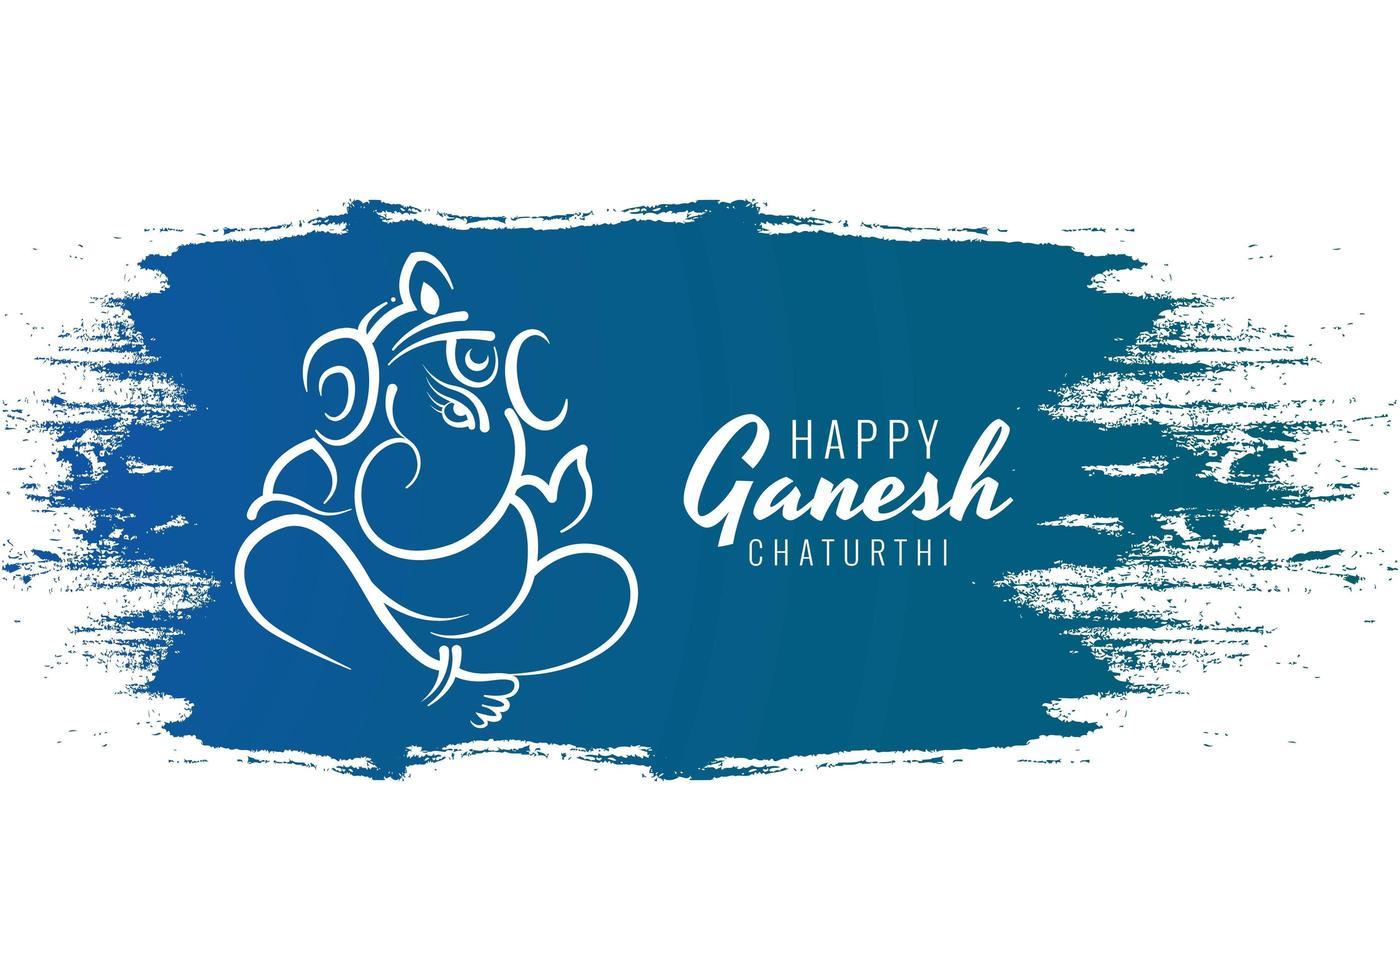 feliz festival ganesh chaturthi utsav en trazos de pintura azul vector